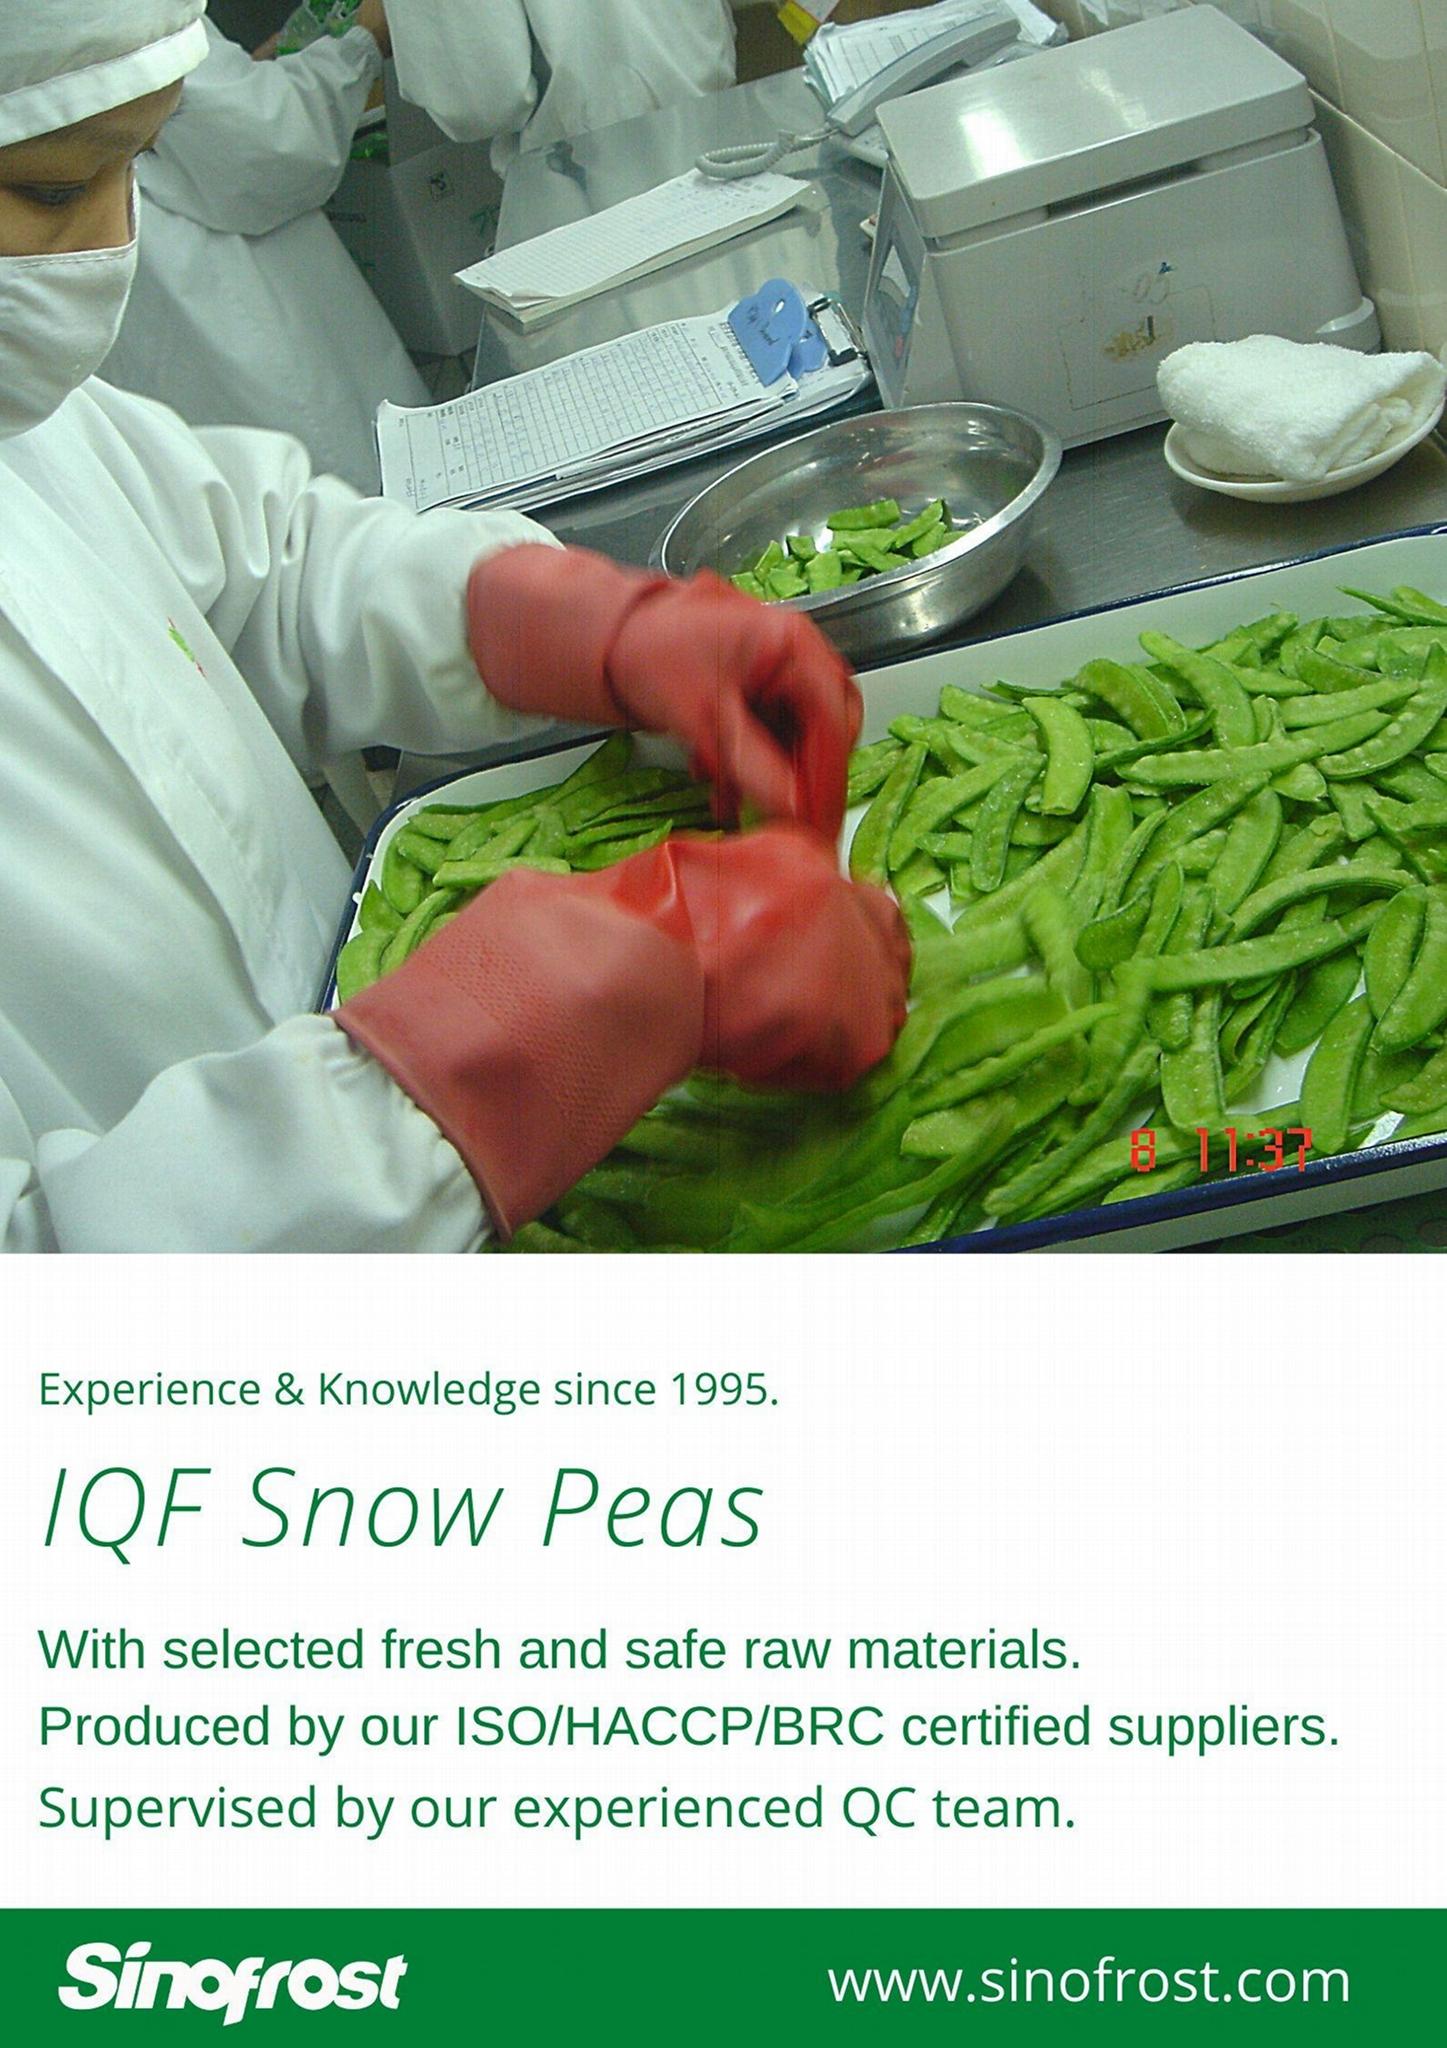 冷凍荷蘭豆,速凍荷蘭豆 14